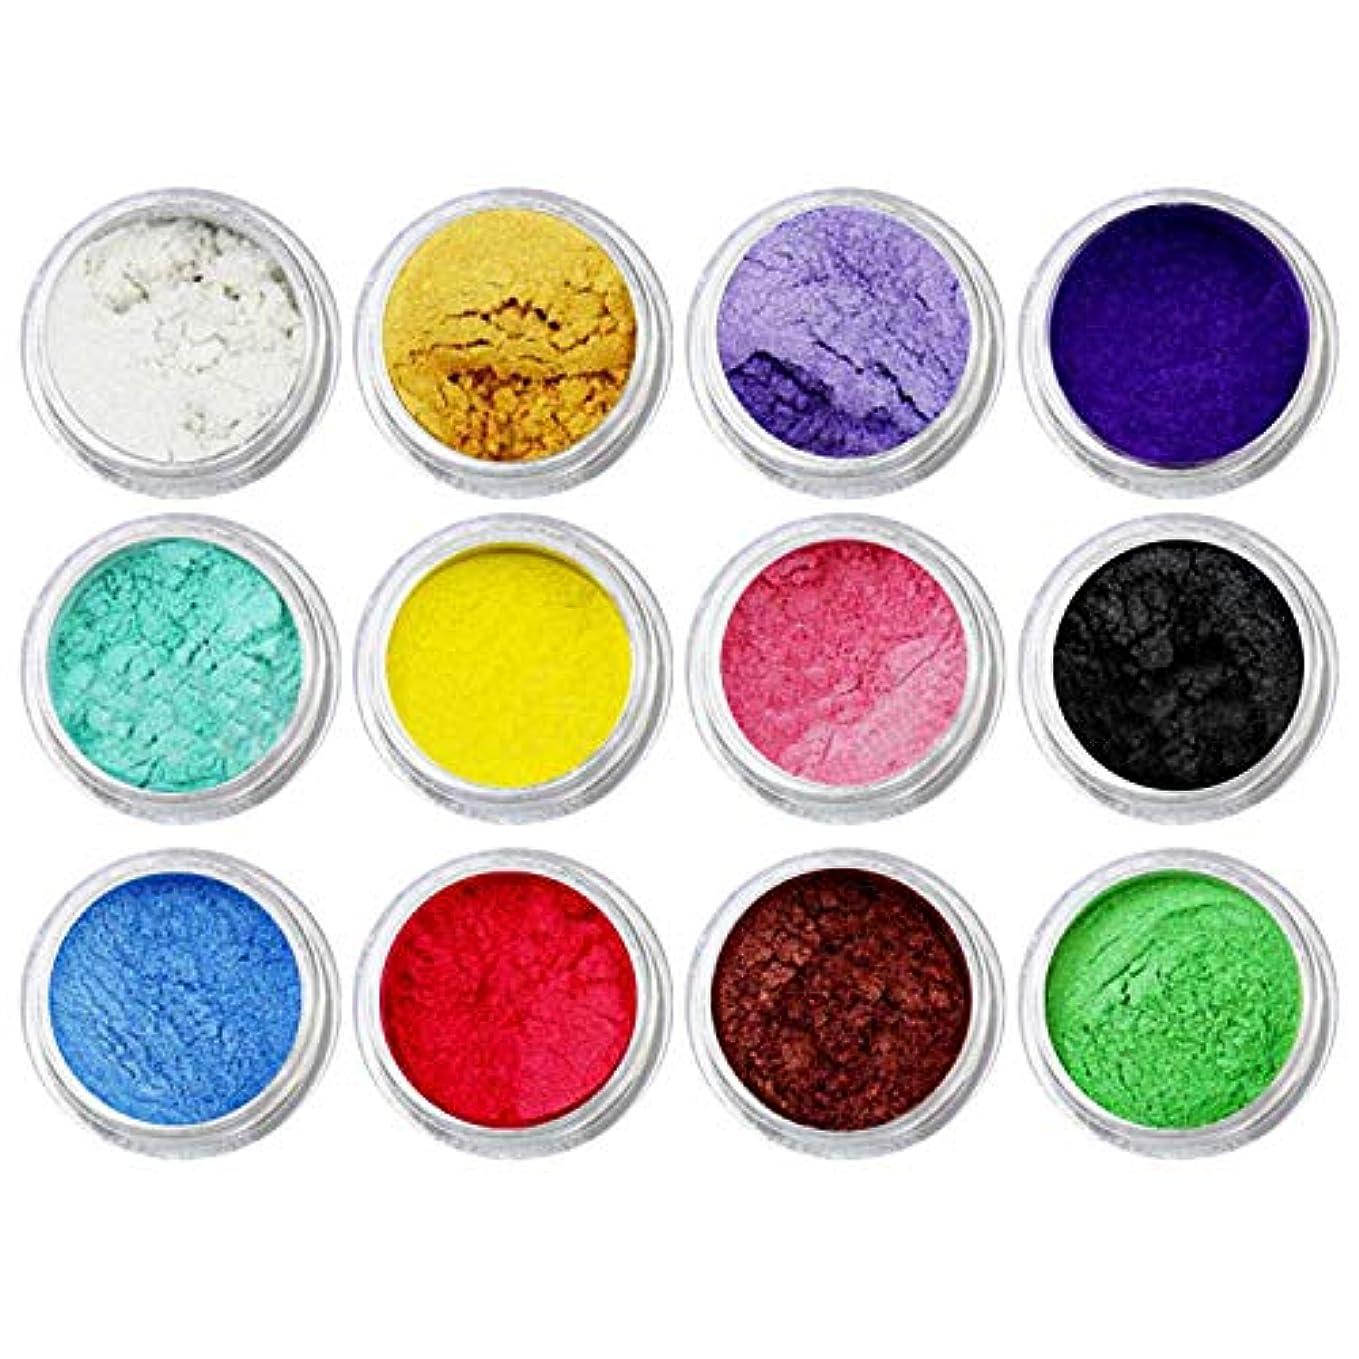 メロドラマティック接続された経験DIYネイルアートクラフトプロジェクトスライム作り用品のための12個混合色着色顔料マイカパールパウダー